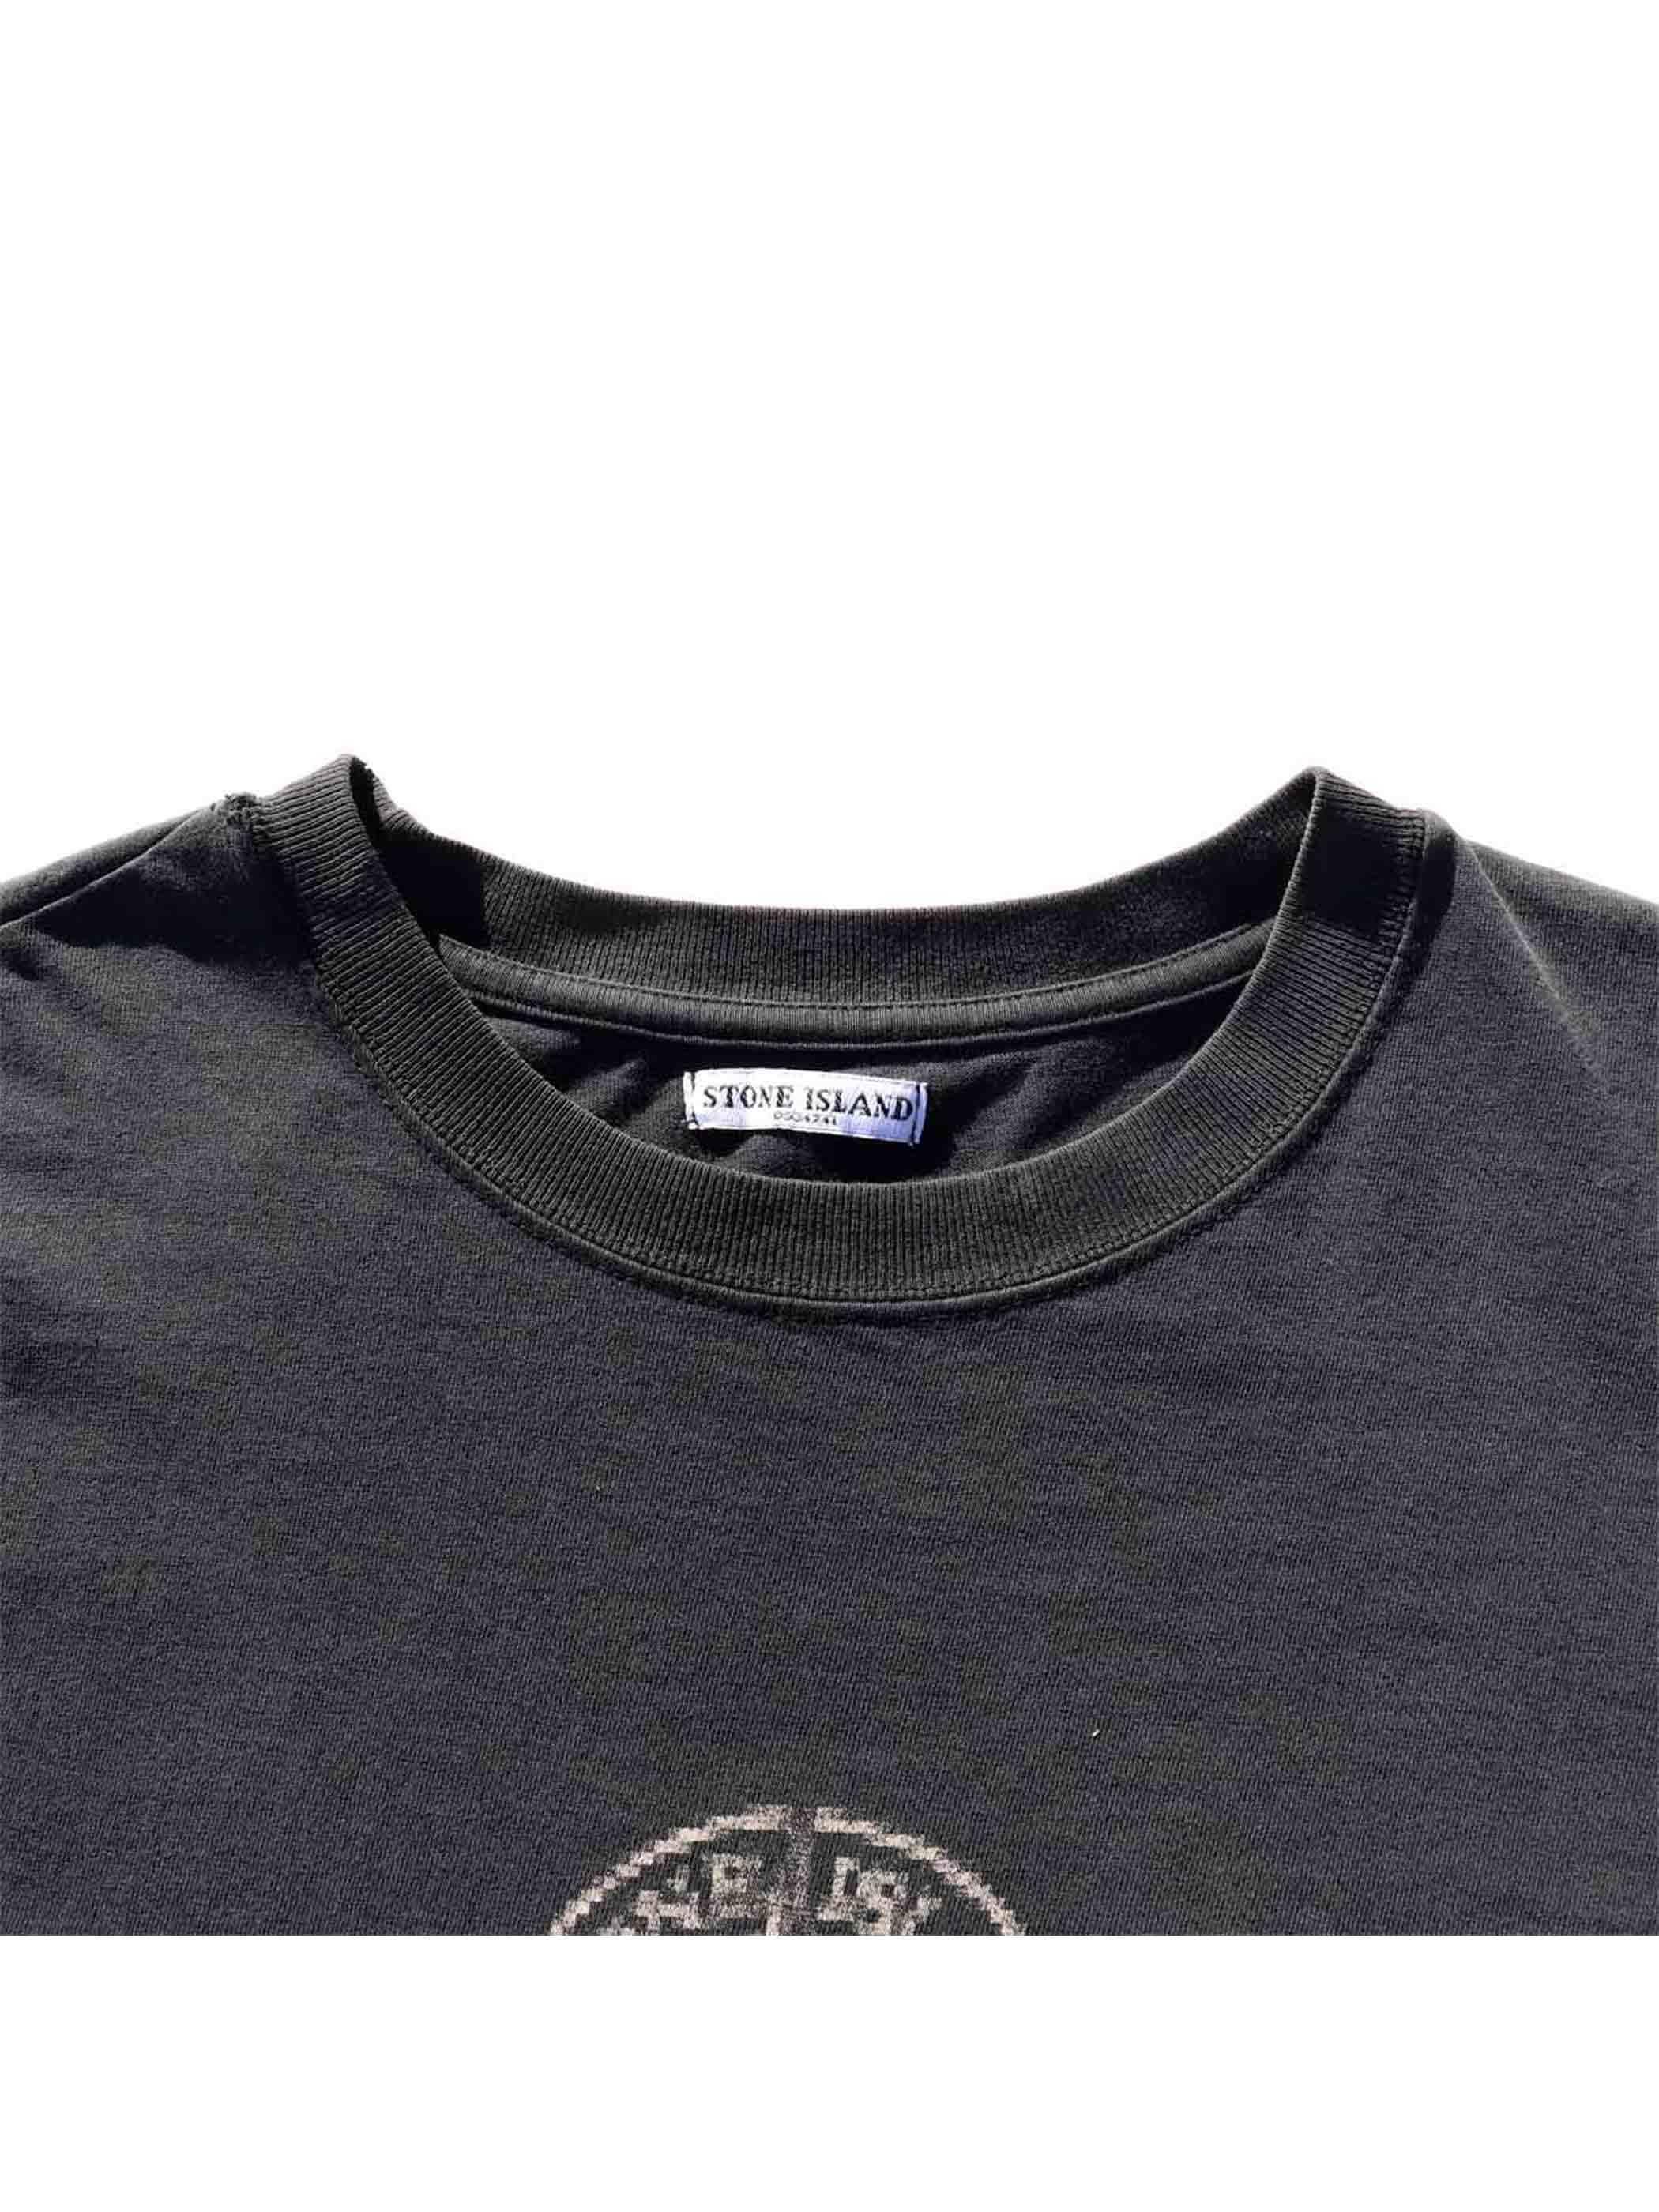 """90's STONE ISLAND """"BLUR COMPASS LOGO PRINT"""" L/S T-Shirt [L]"""